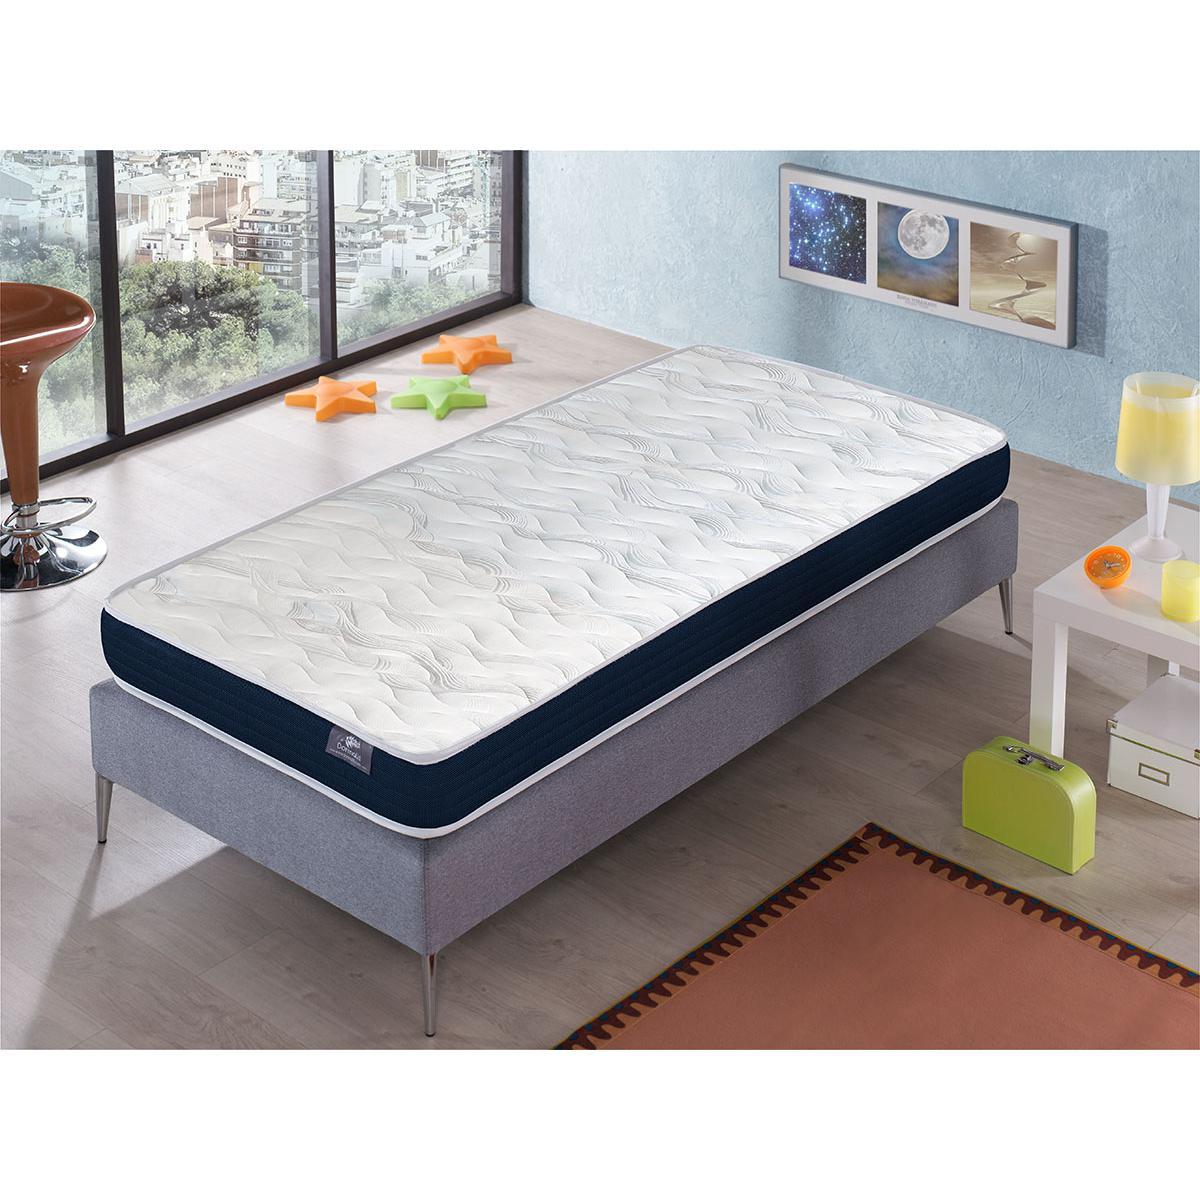 Dormalit Matelas 140X180 ERGO CONFORT Épaisseur 14 CM ? Rembourrage super soft - Juvénil - idéal pour les lits gigognes